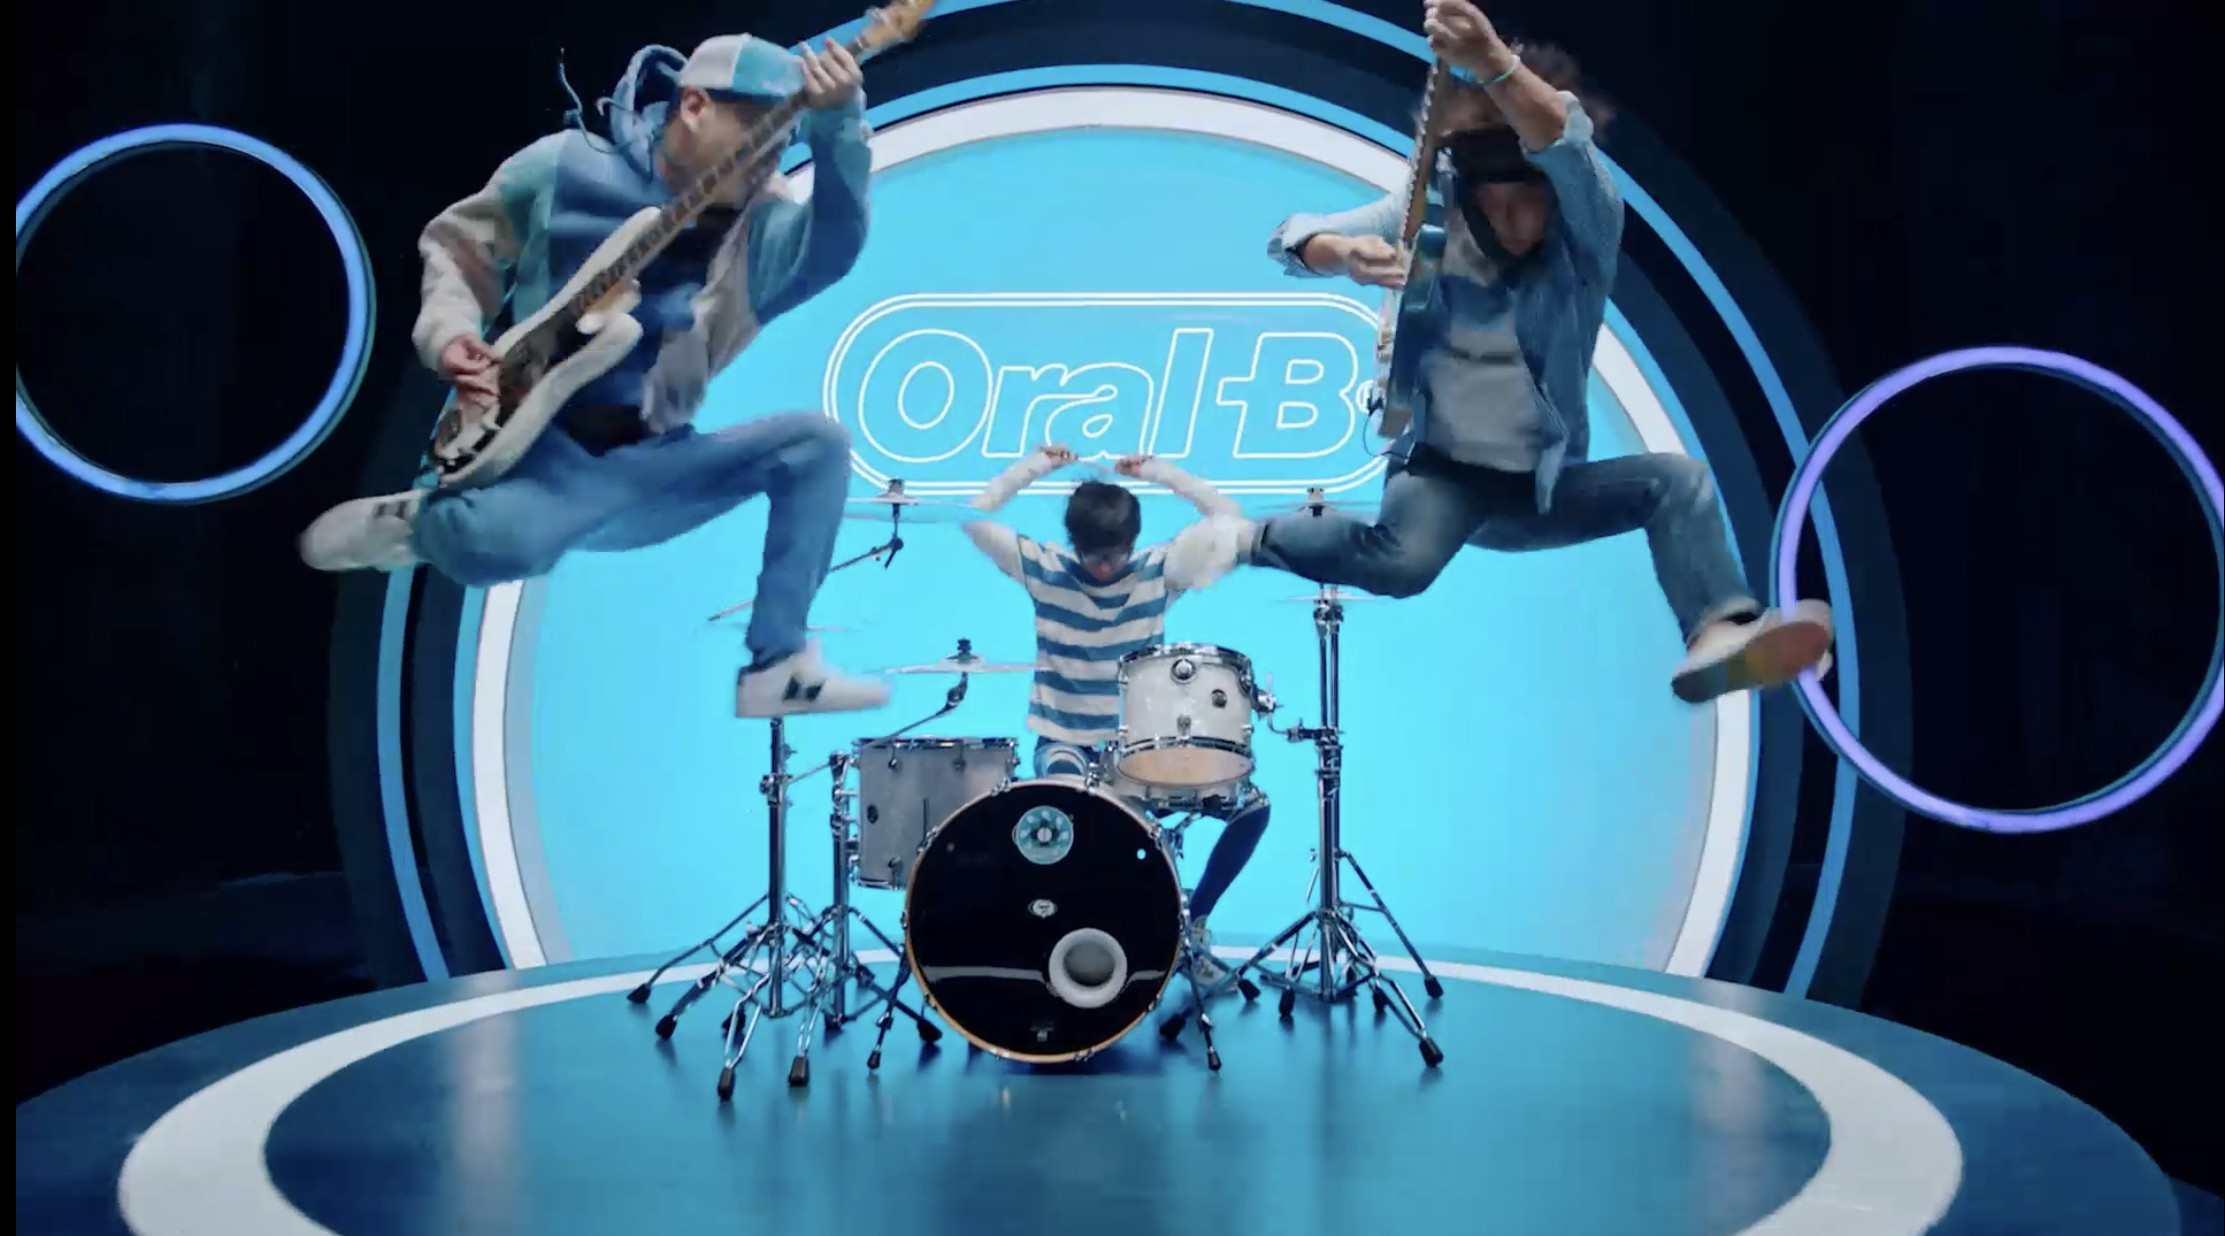 ORAL-B X 反光镜乐队 Dir